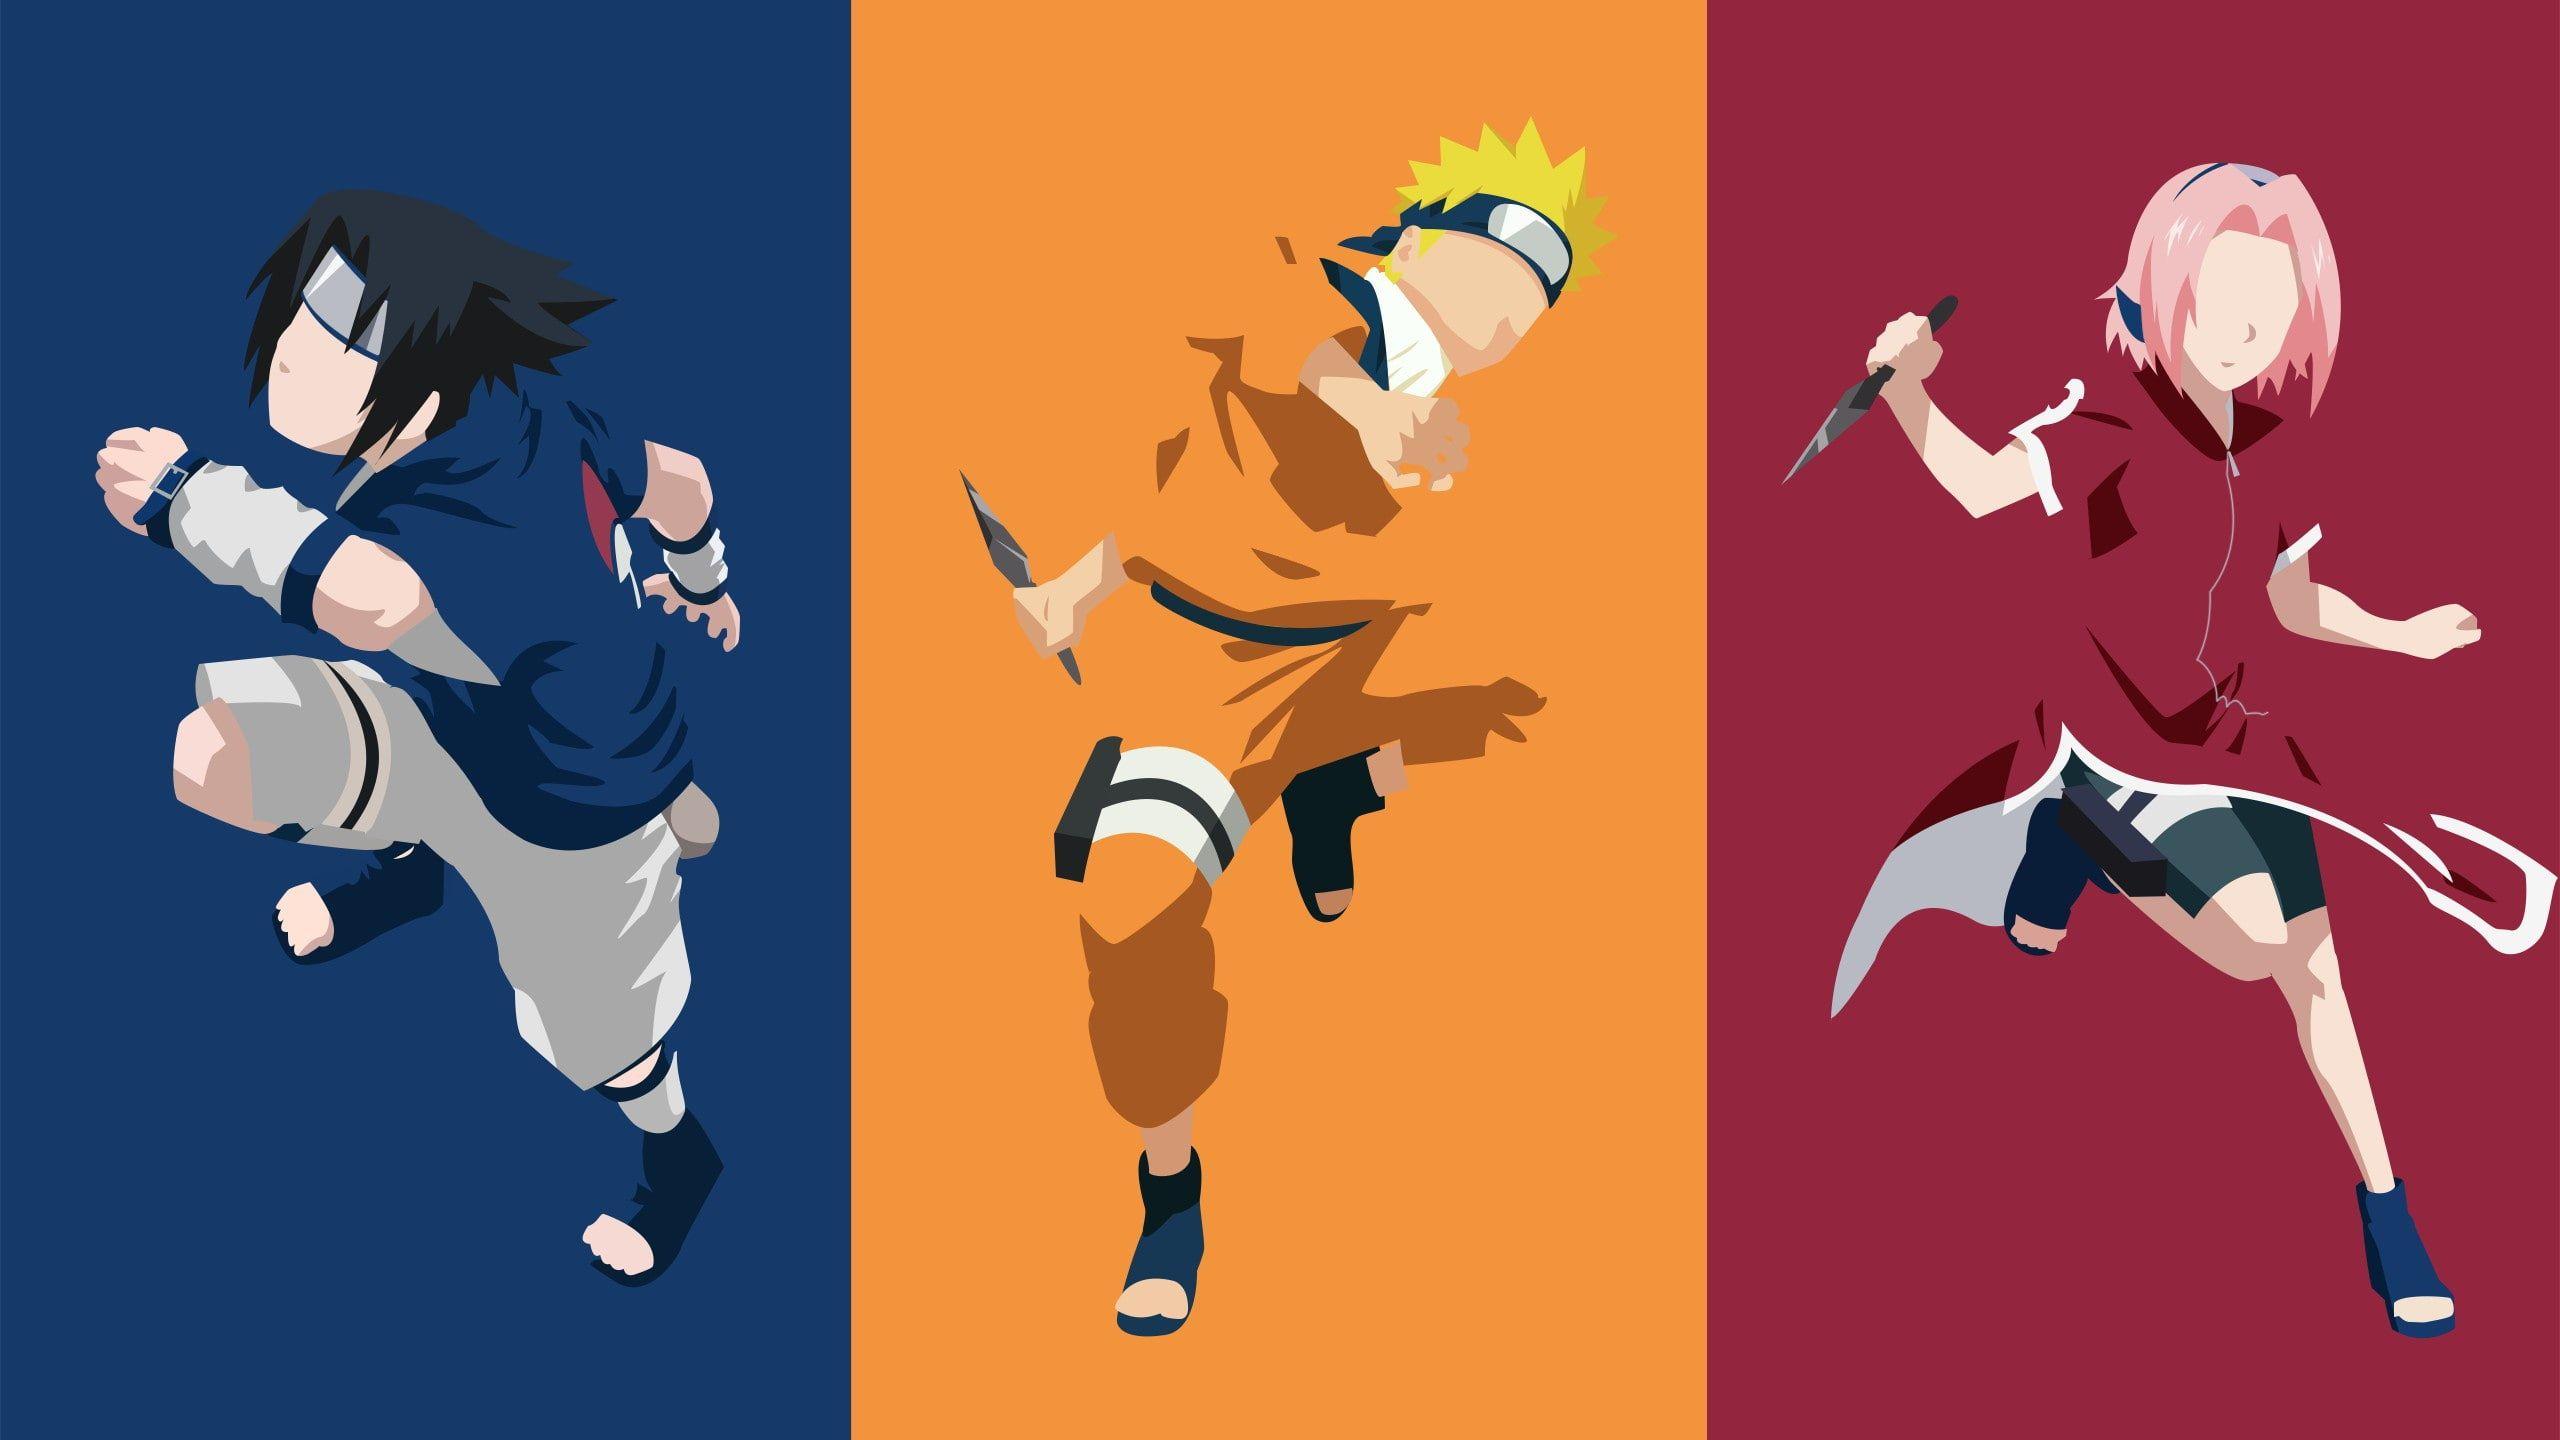 Game Sasuke Naruto Sakura Minimalism Anime Ninja Hero Asian Uchiha Manga Hokage U Naruto Sasuke Sakura Wallpaper Naruto Shippuden Sakura And Sasuke